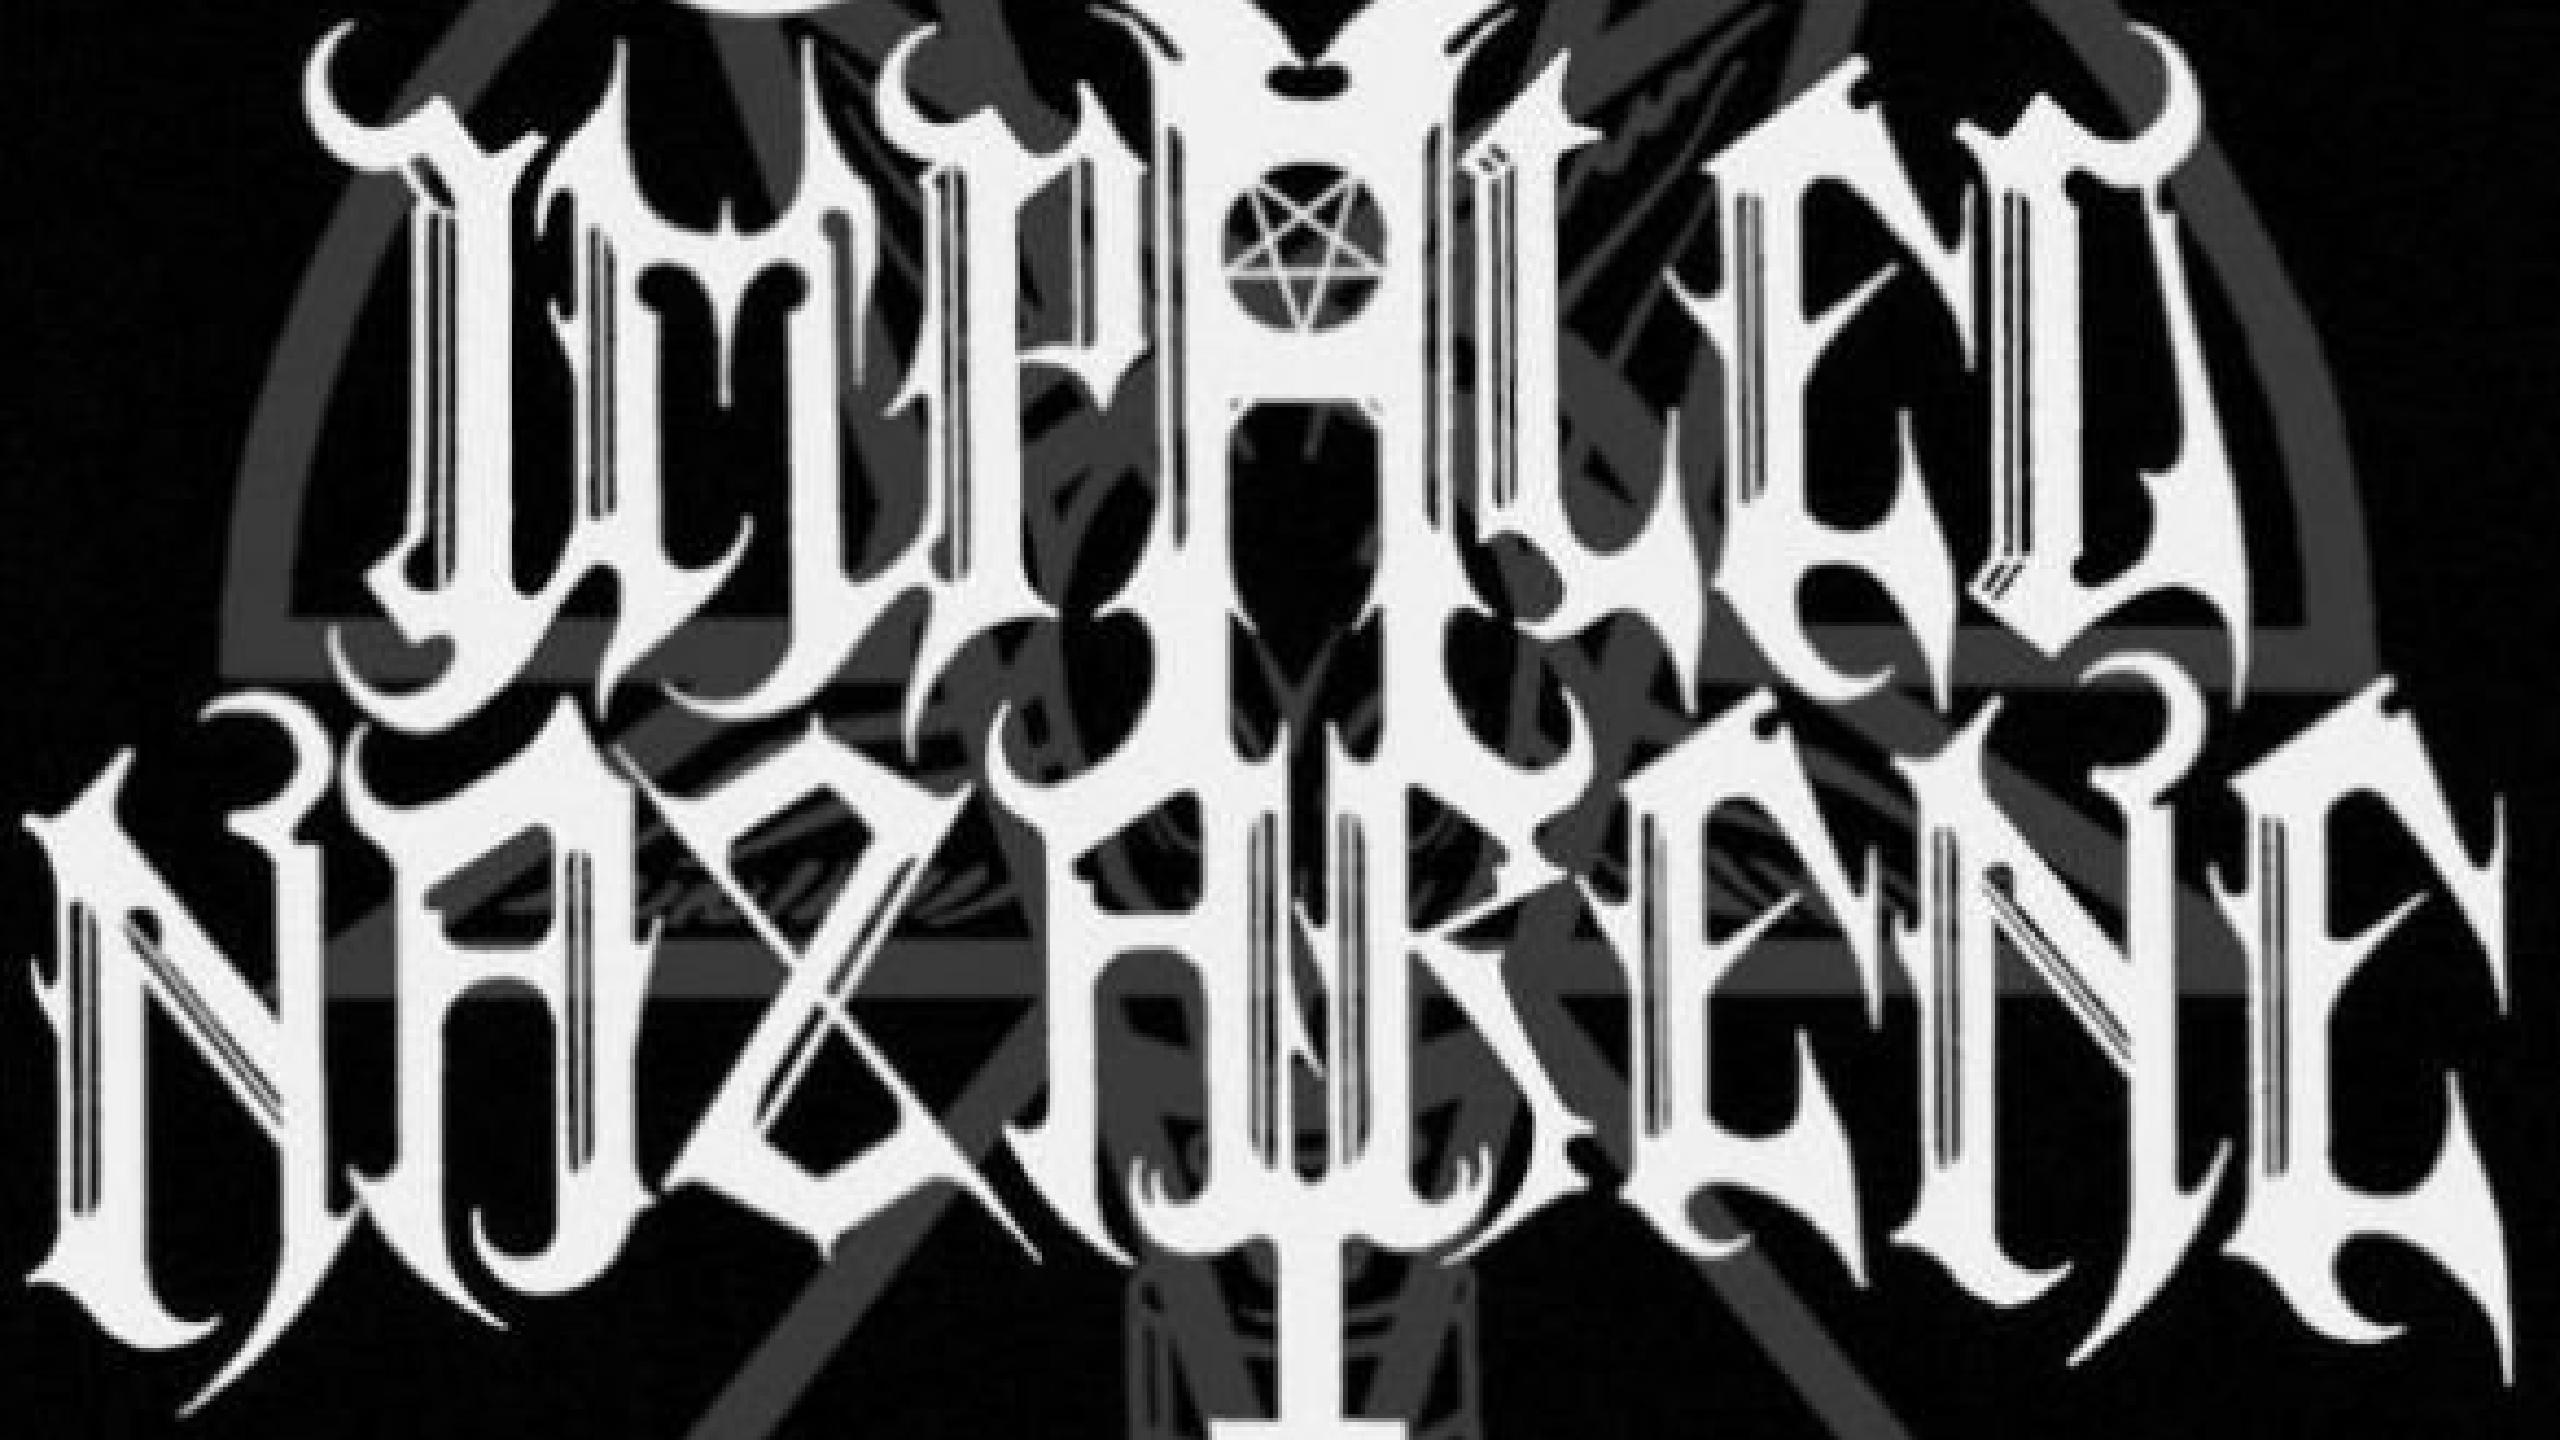 Impaled Nazarene Tour Dates 2019 2020 Impaled Nazarene